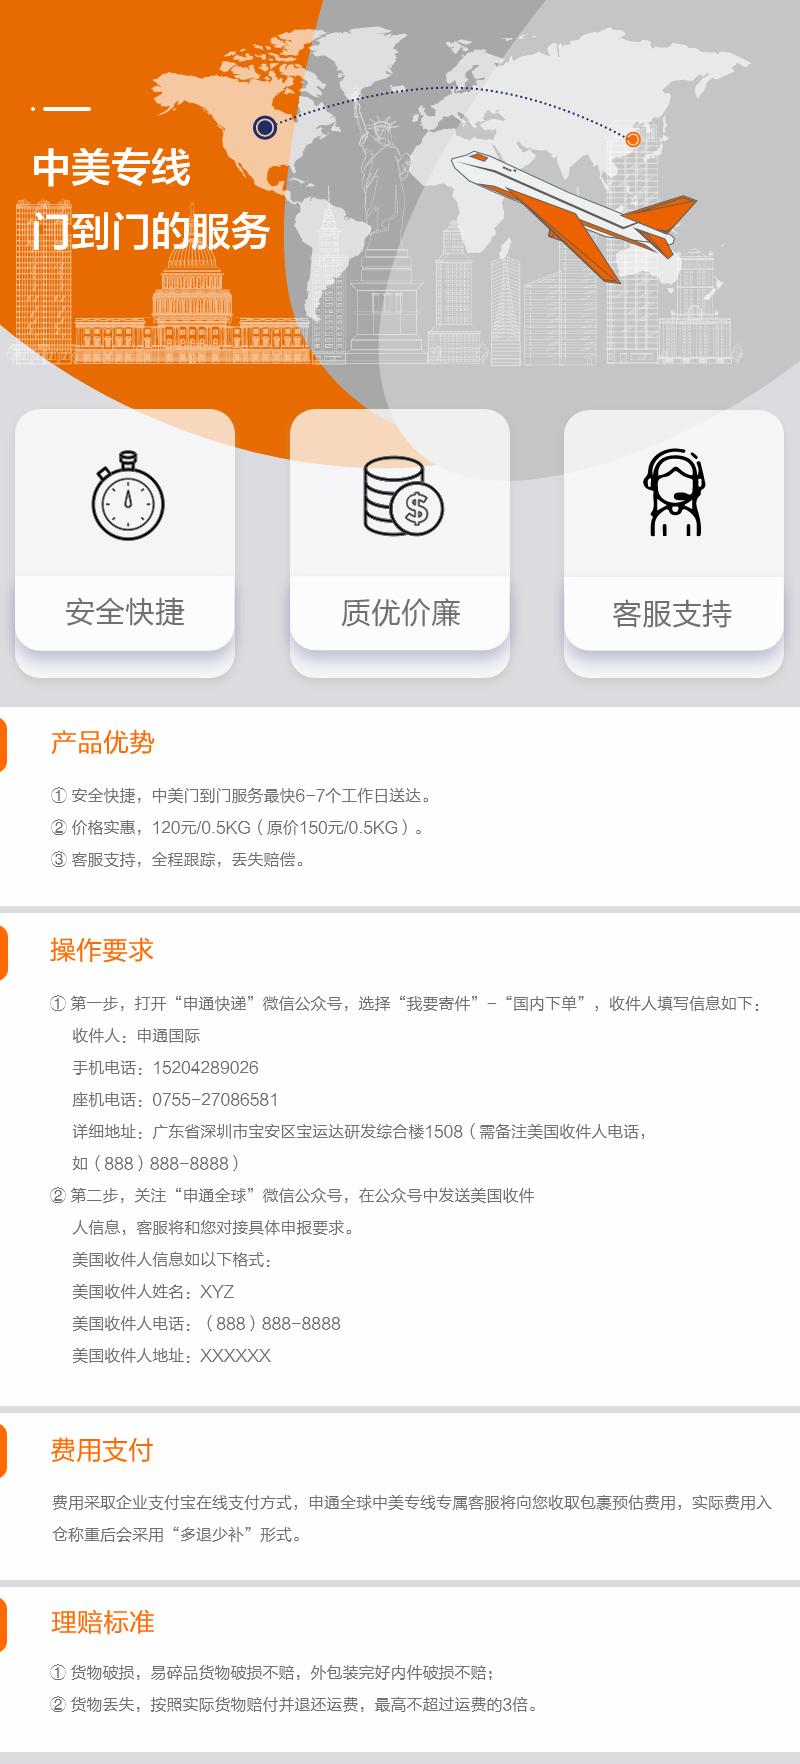 中美产品专线 – 2.png